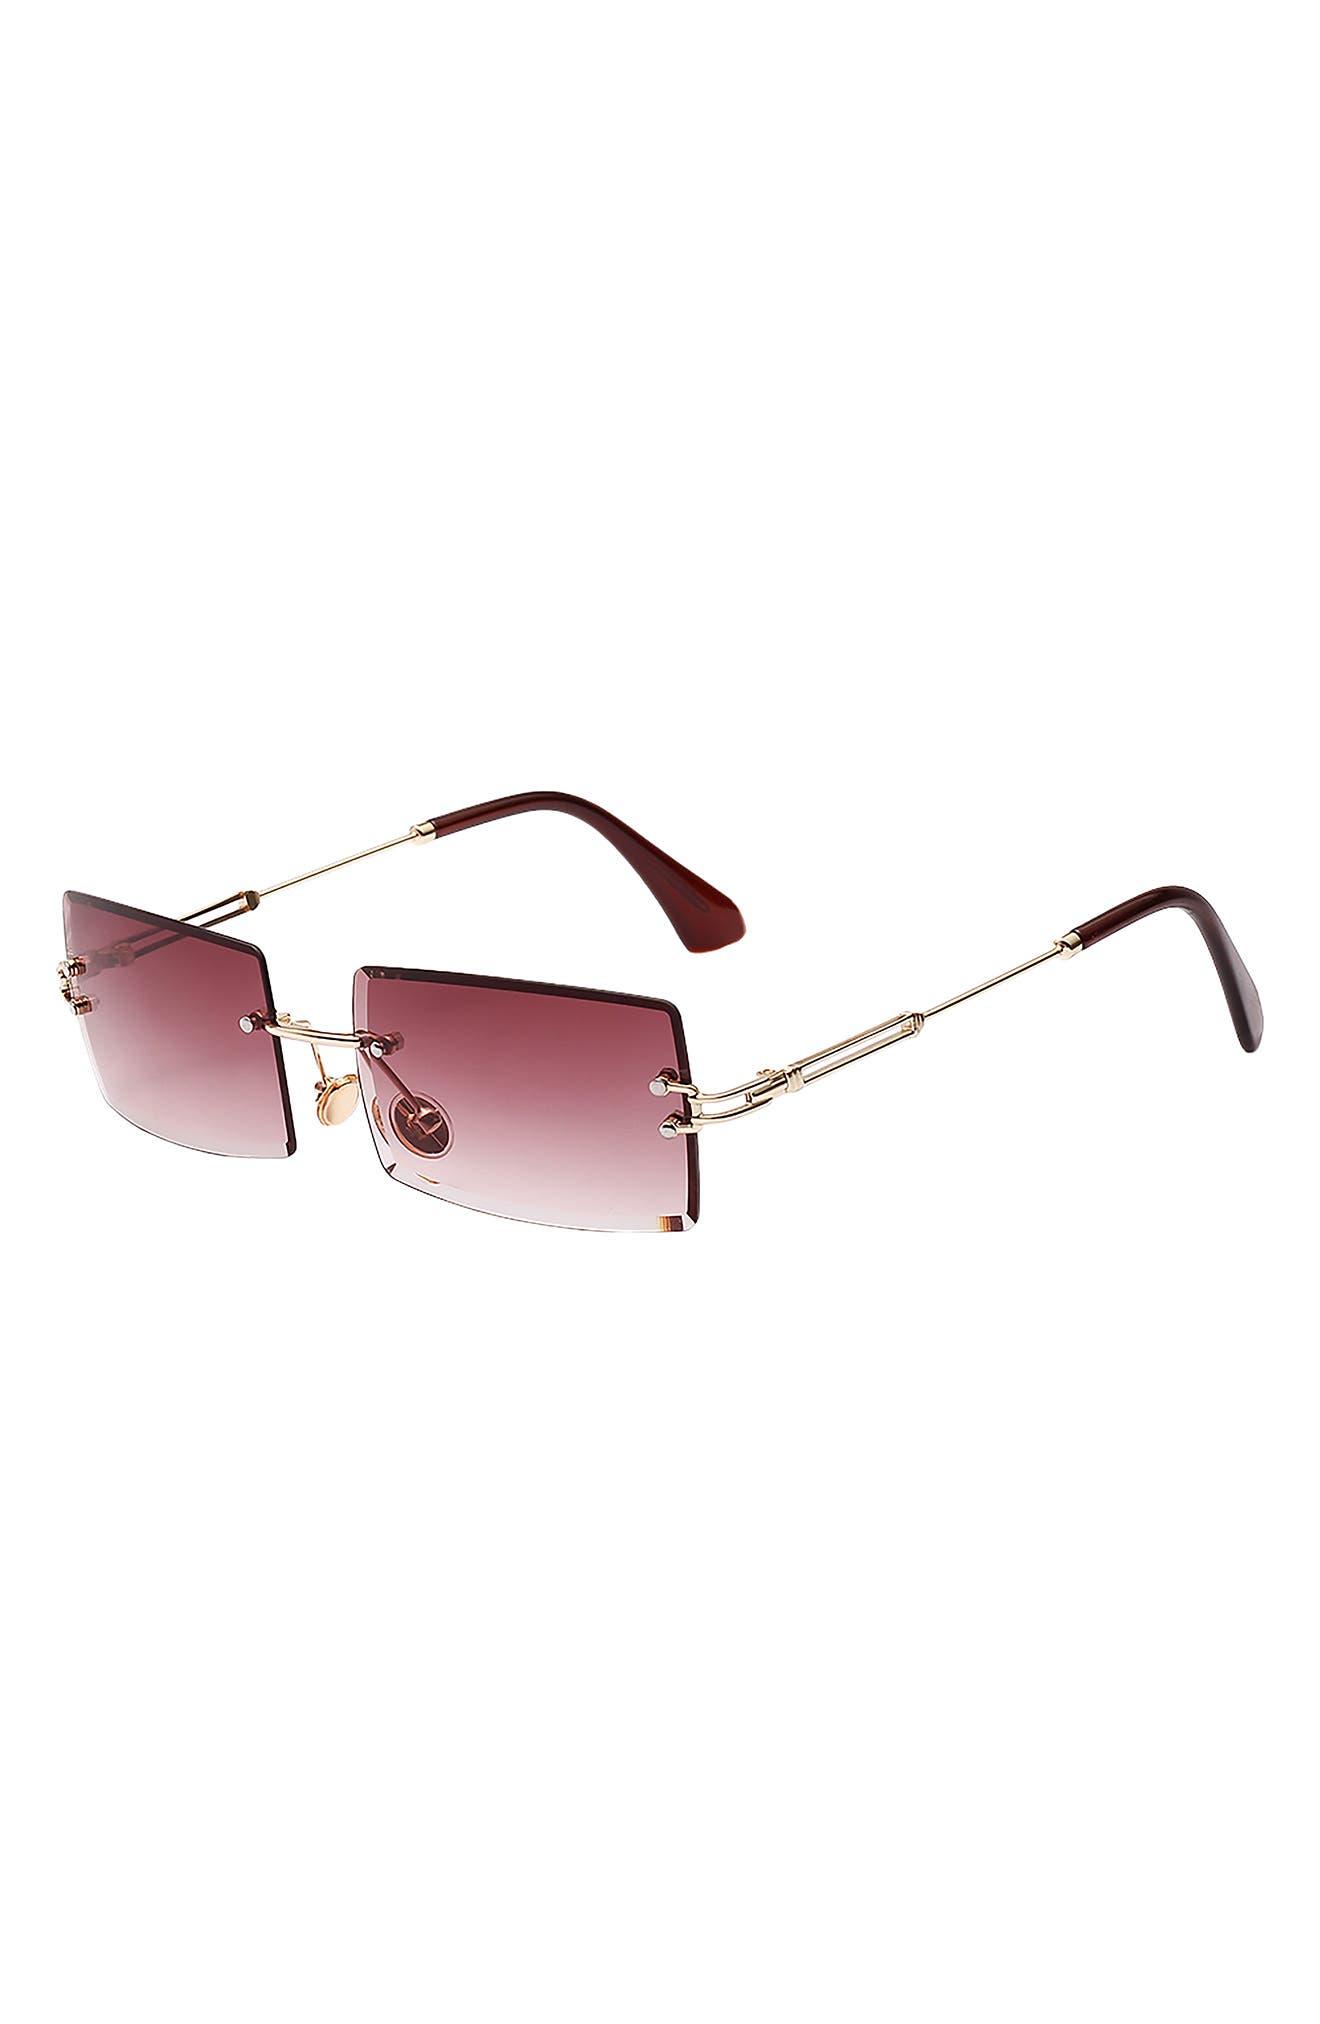 Miami 58mm Rectangle Sunglasses